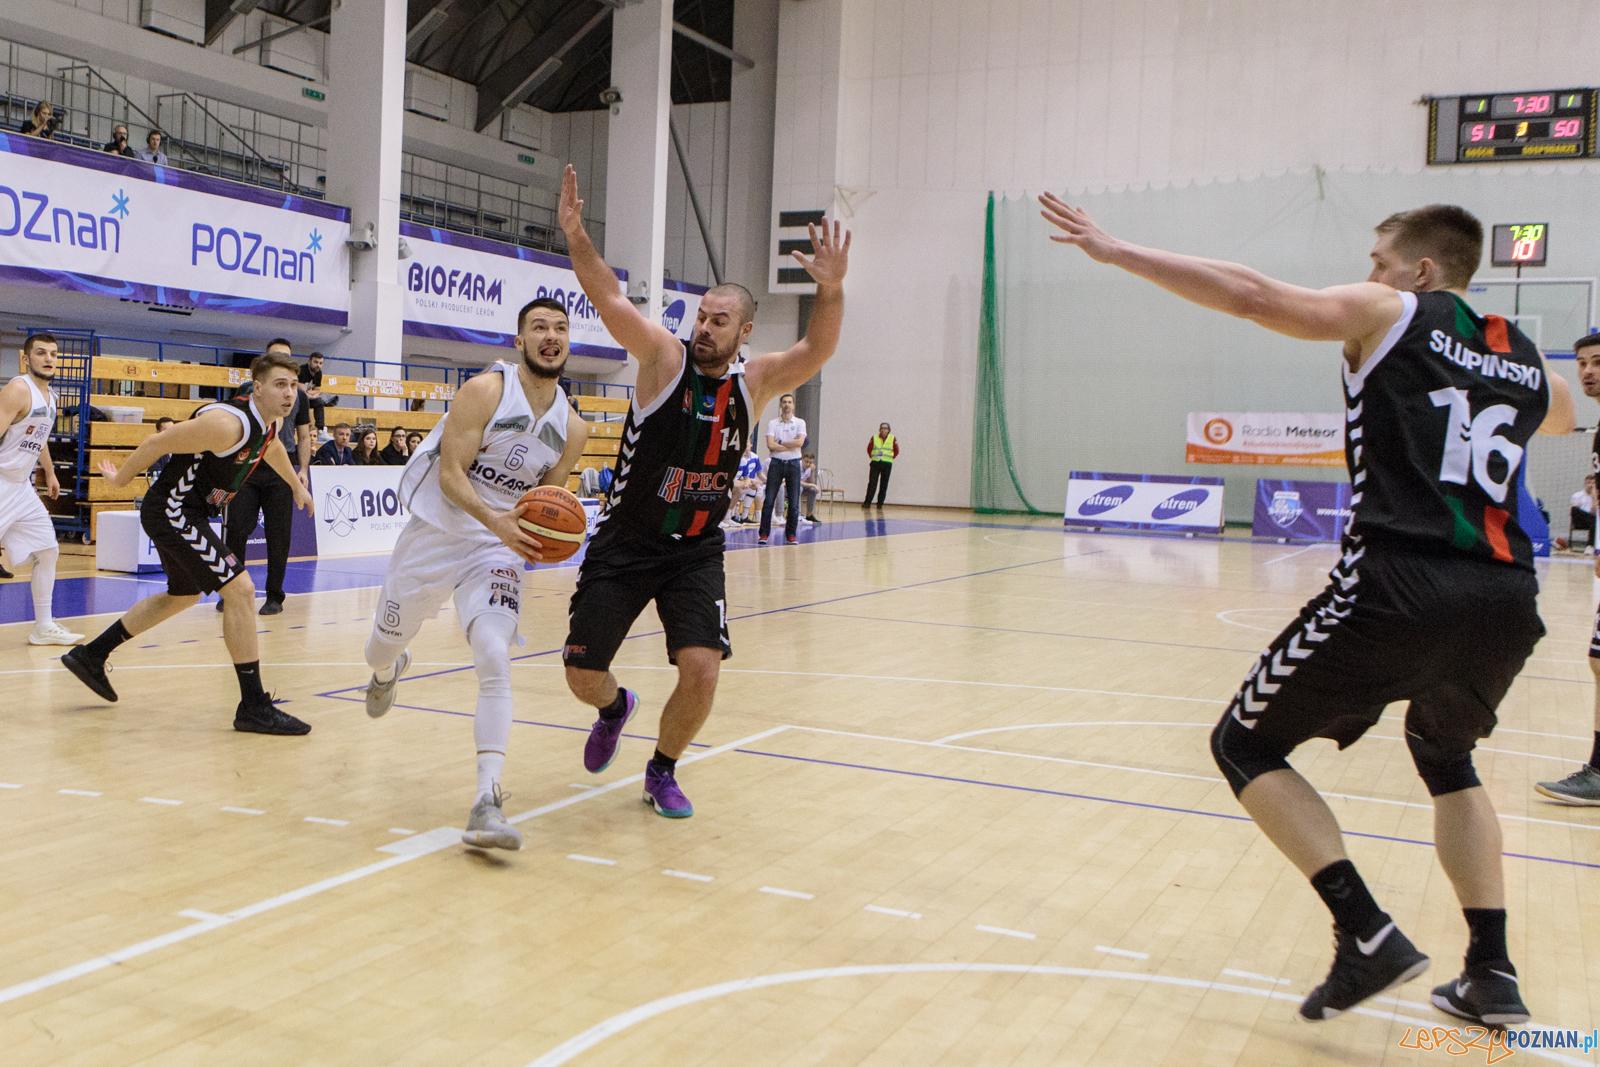 Biofarm Basket Poznań - GKS Tychy 87:93 - Poznań 27.01.2018 r.  Foto: LepszyPOZNAN.pl / Paweł Rychter